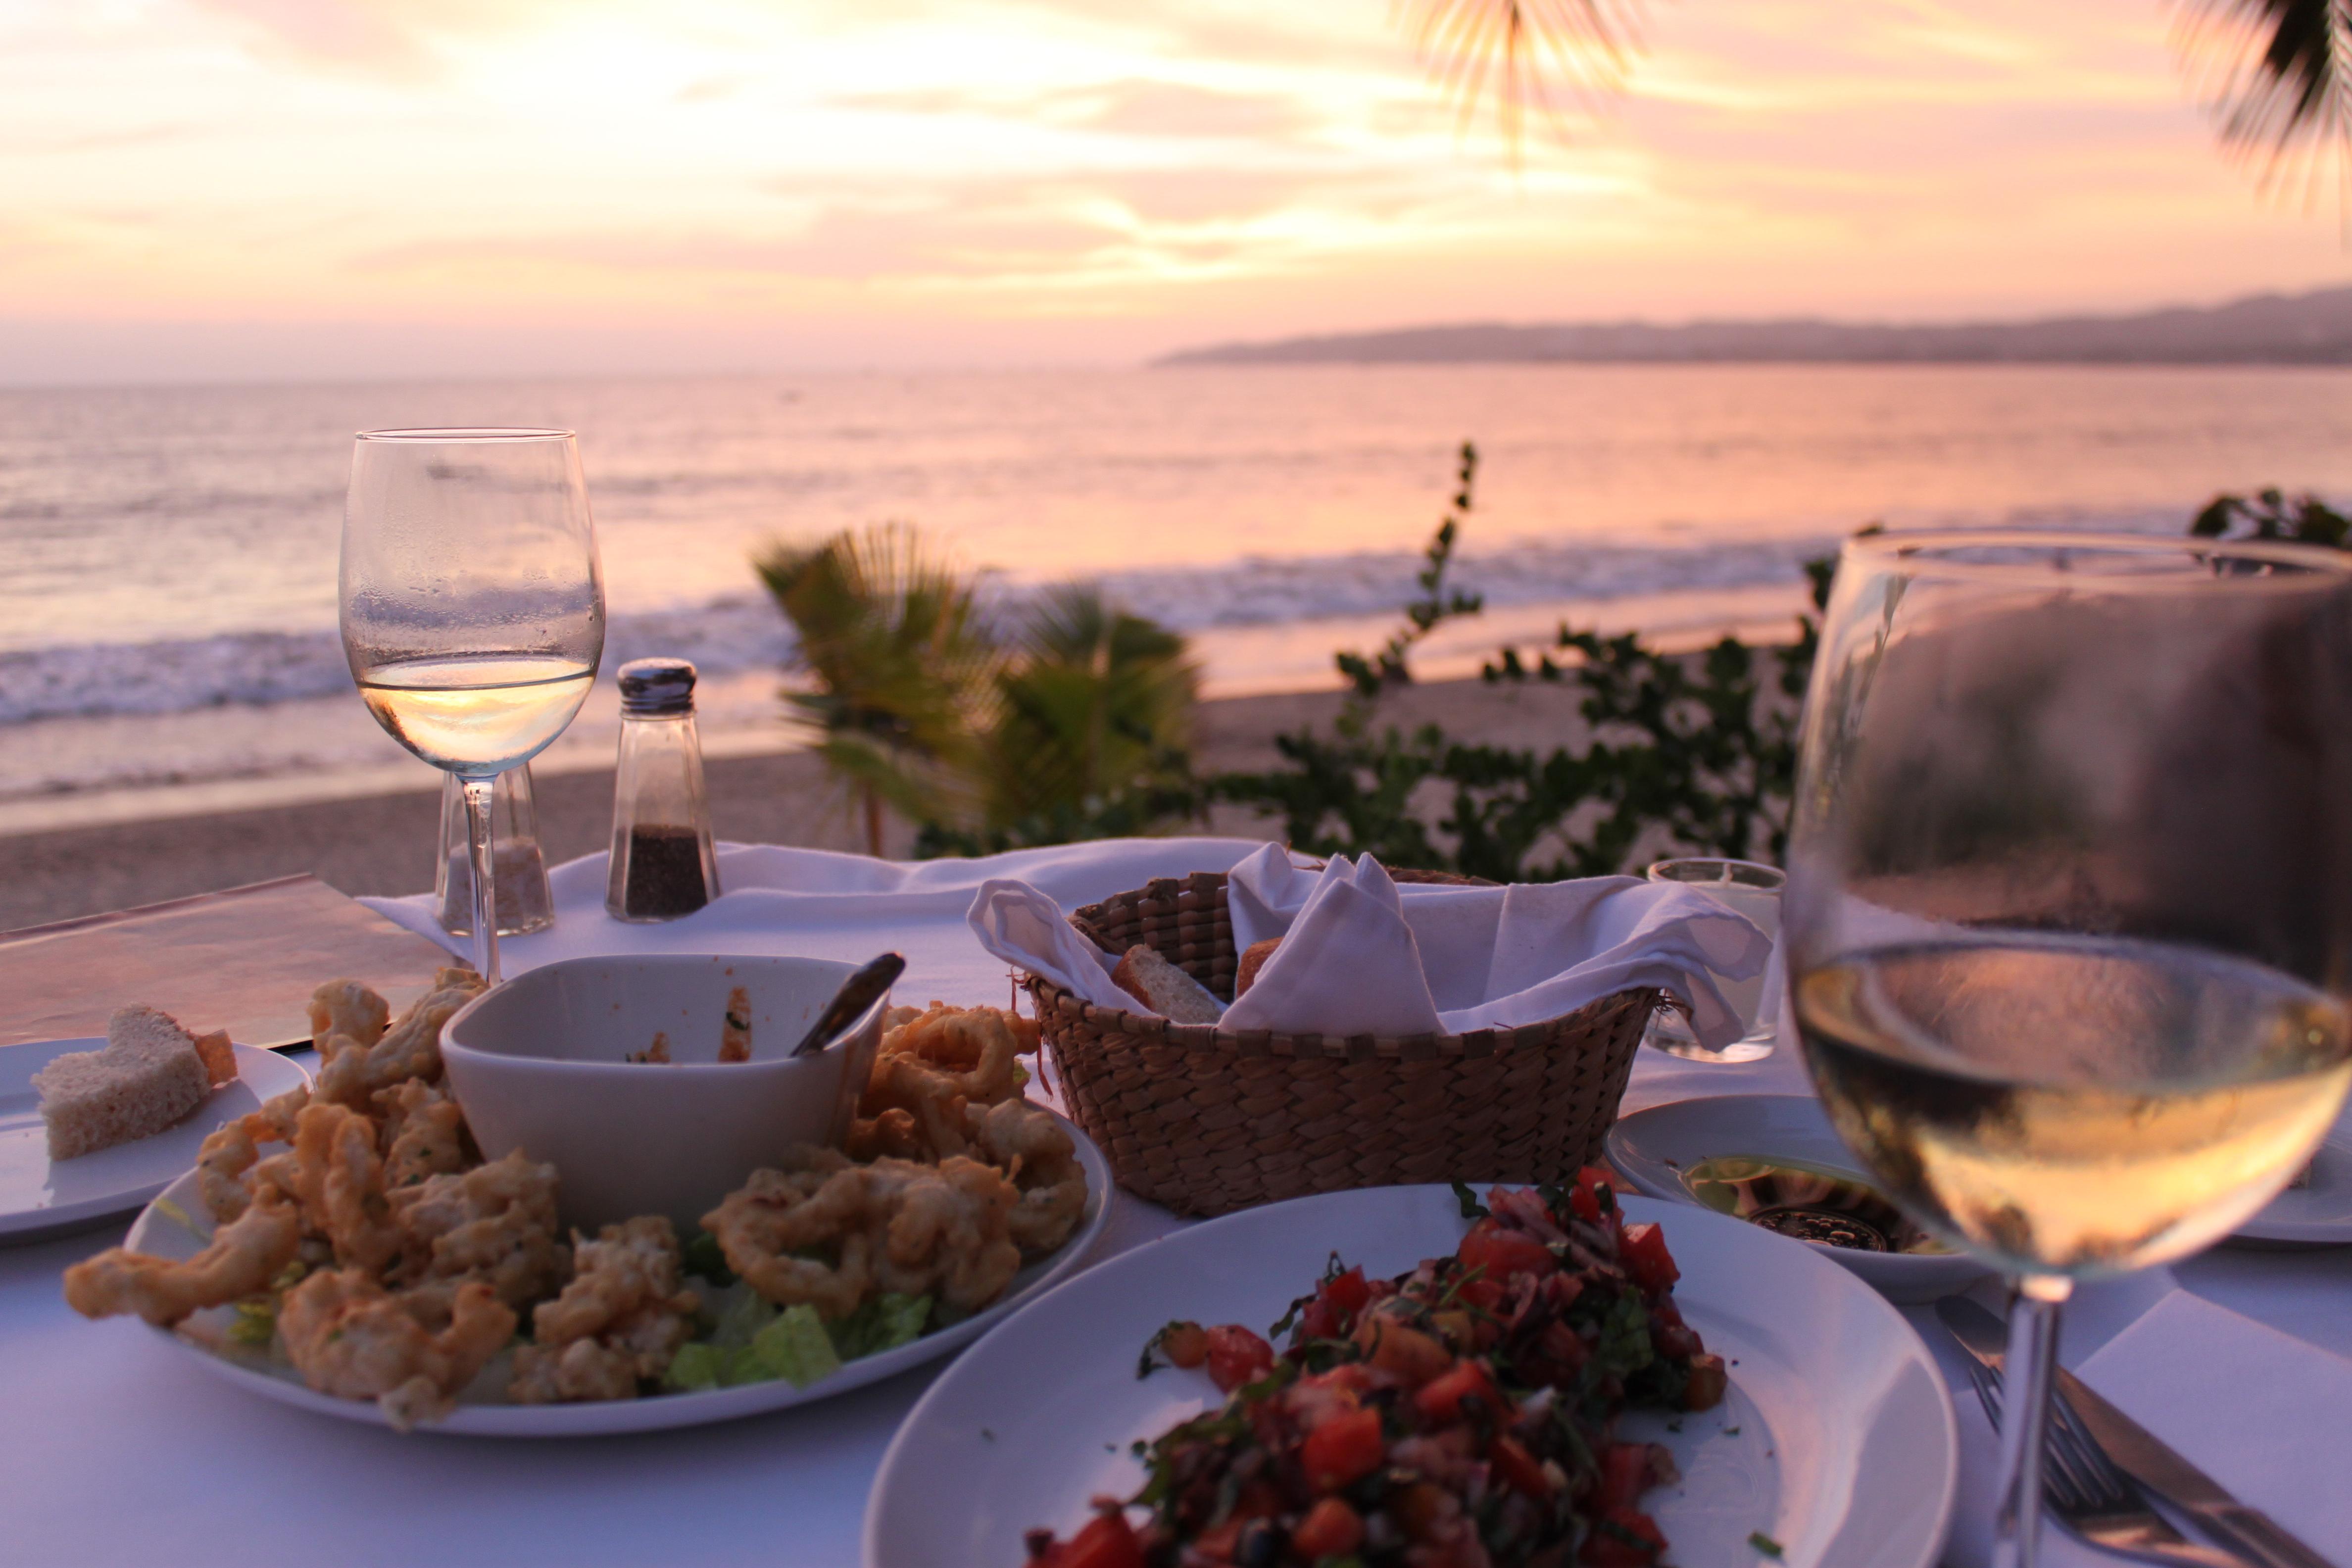 Dinner at Mezzogiornos